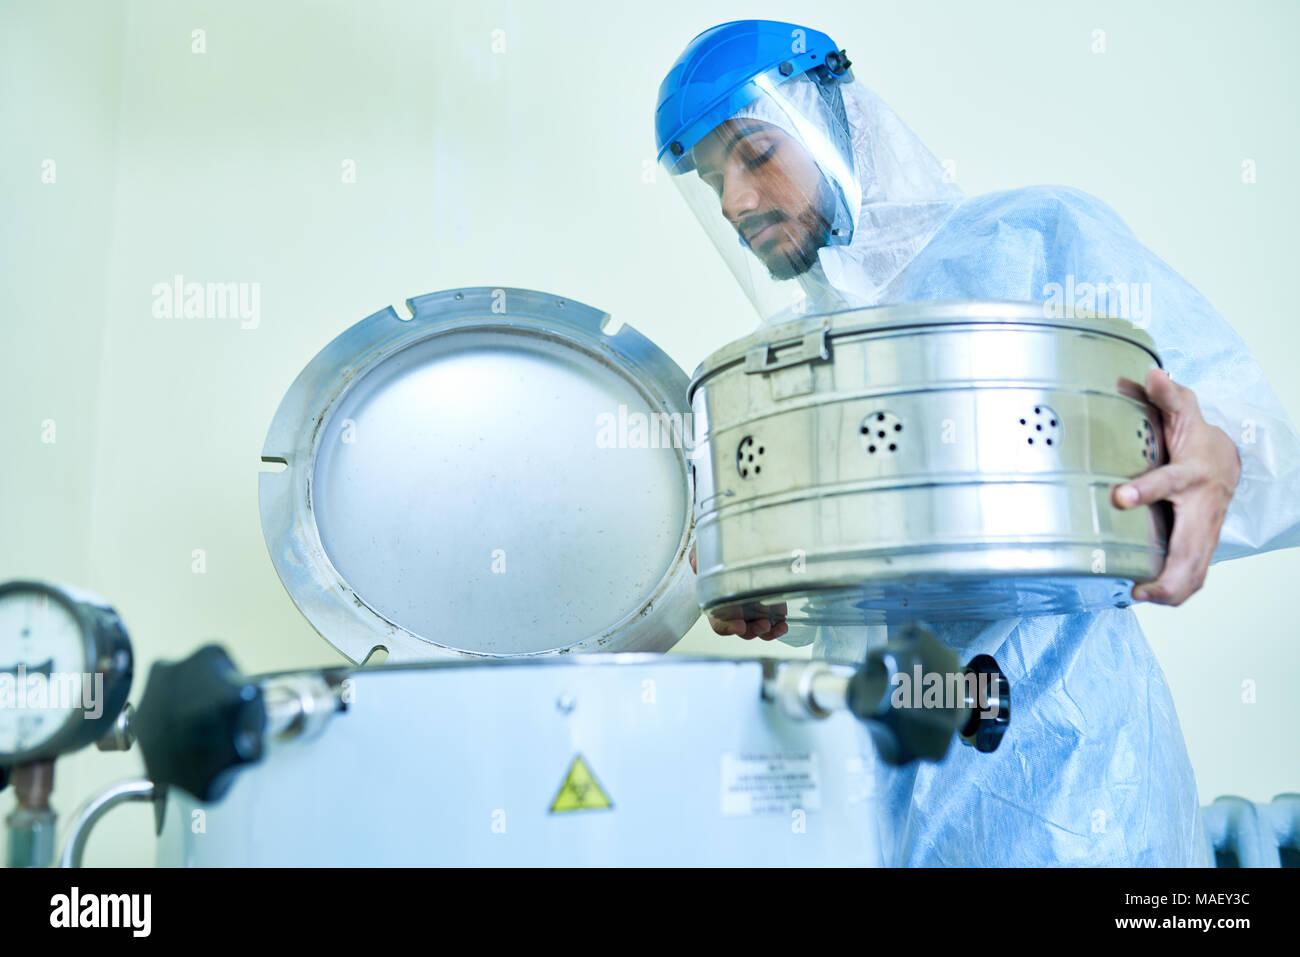 Auxiliar de laboratorio colocando el contenedor en centrífuga Imagen De Stock